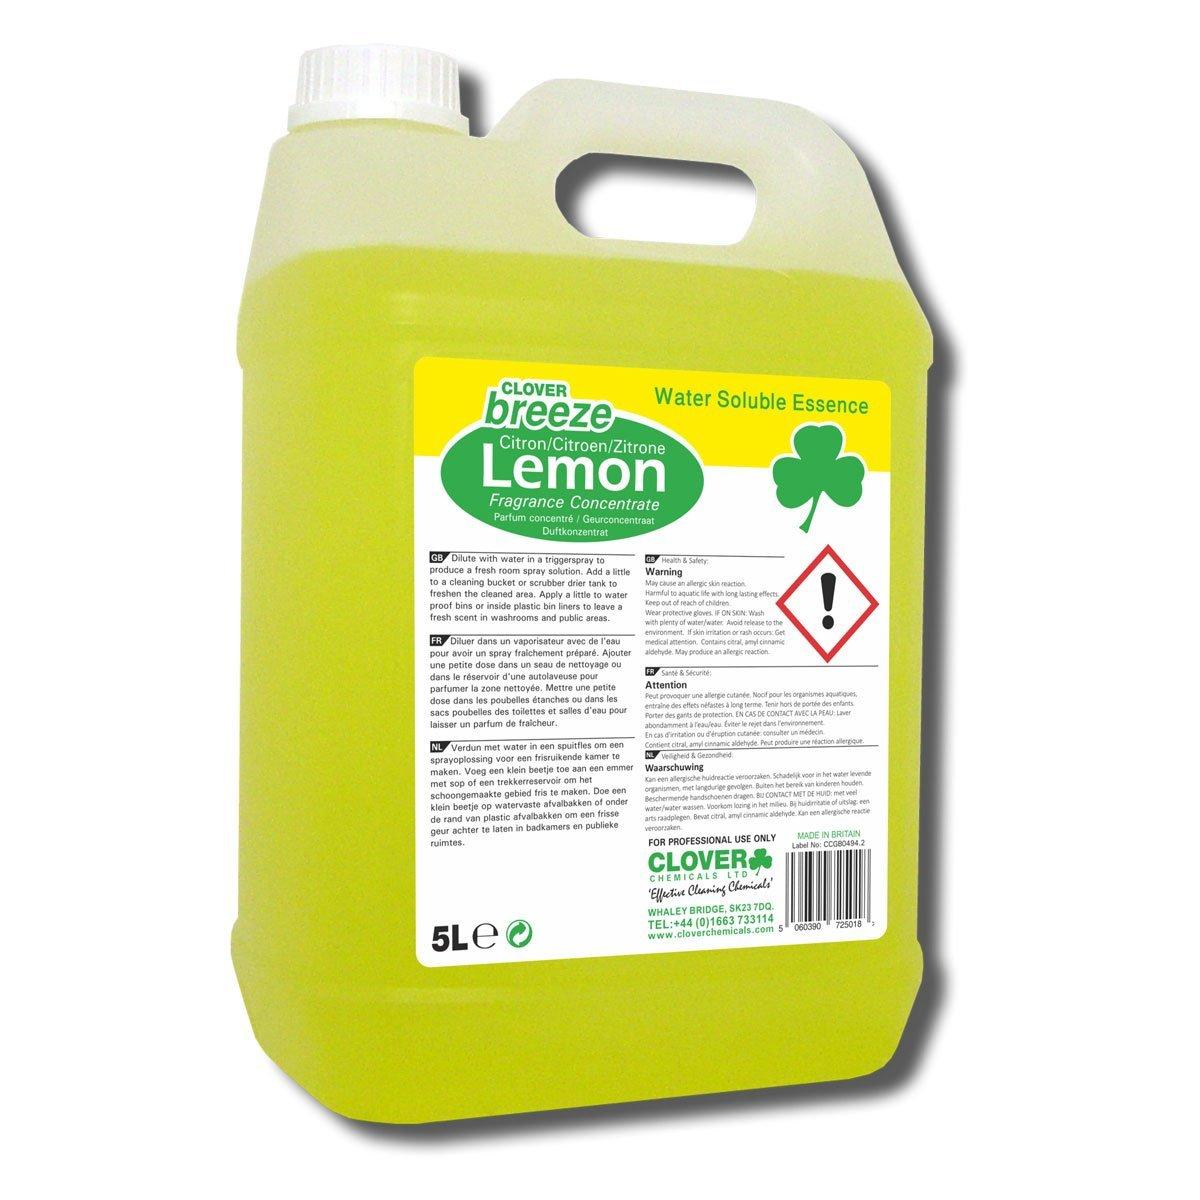 Clover Breeze Lemon Concentrate 5 Litre